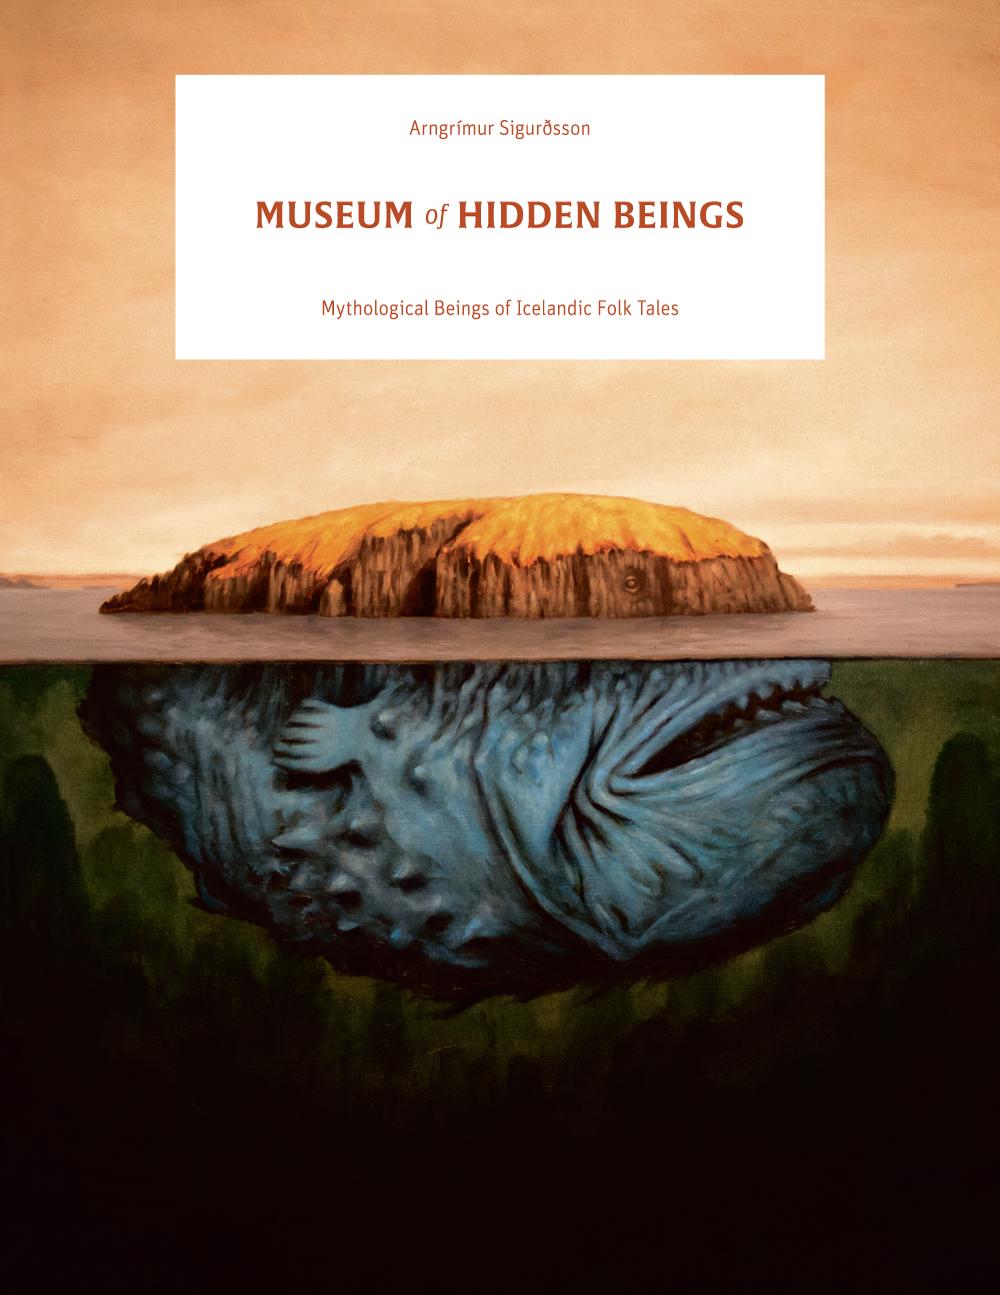 Museum of hidden beings